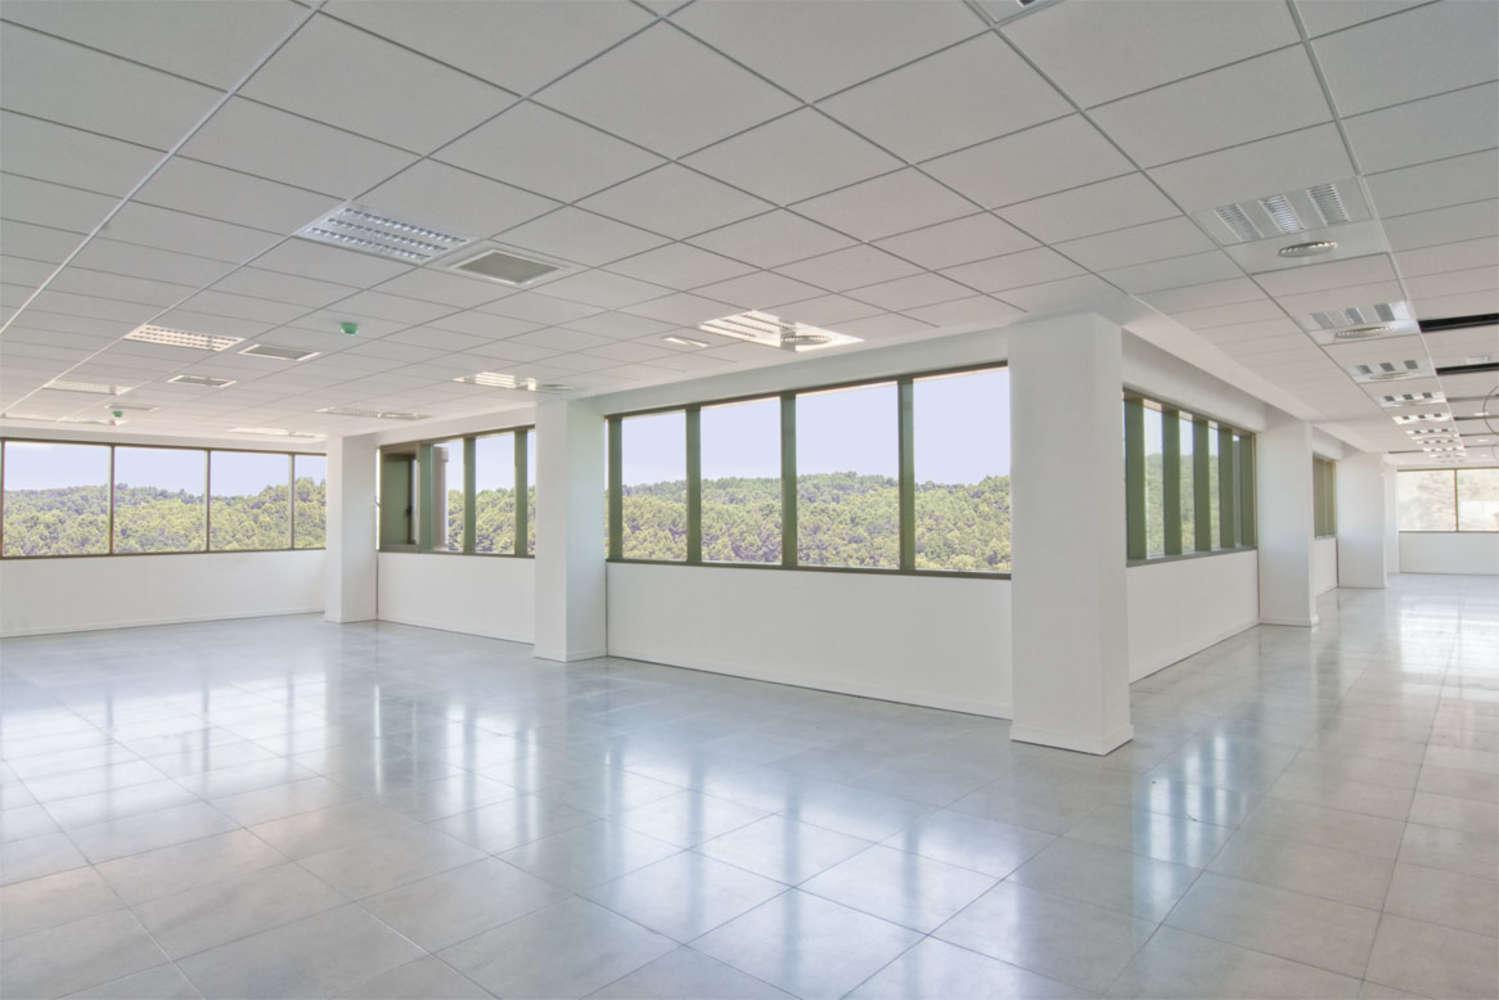 Oficina Sant cugat del vallès, 08174 - VALLSOLANA BUSINESS PARK - Edificio Kibo - 2258